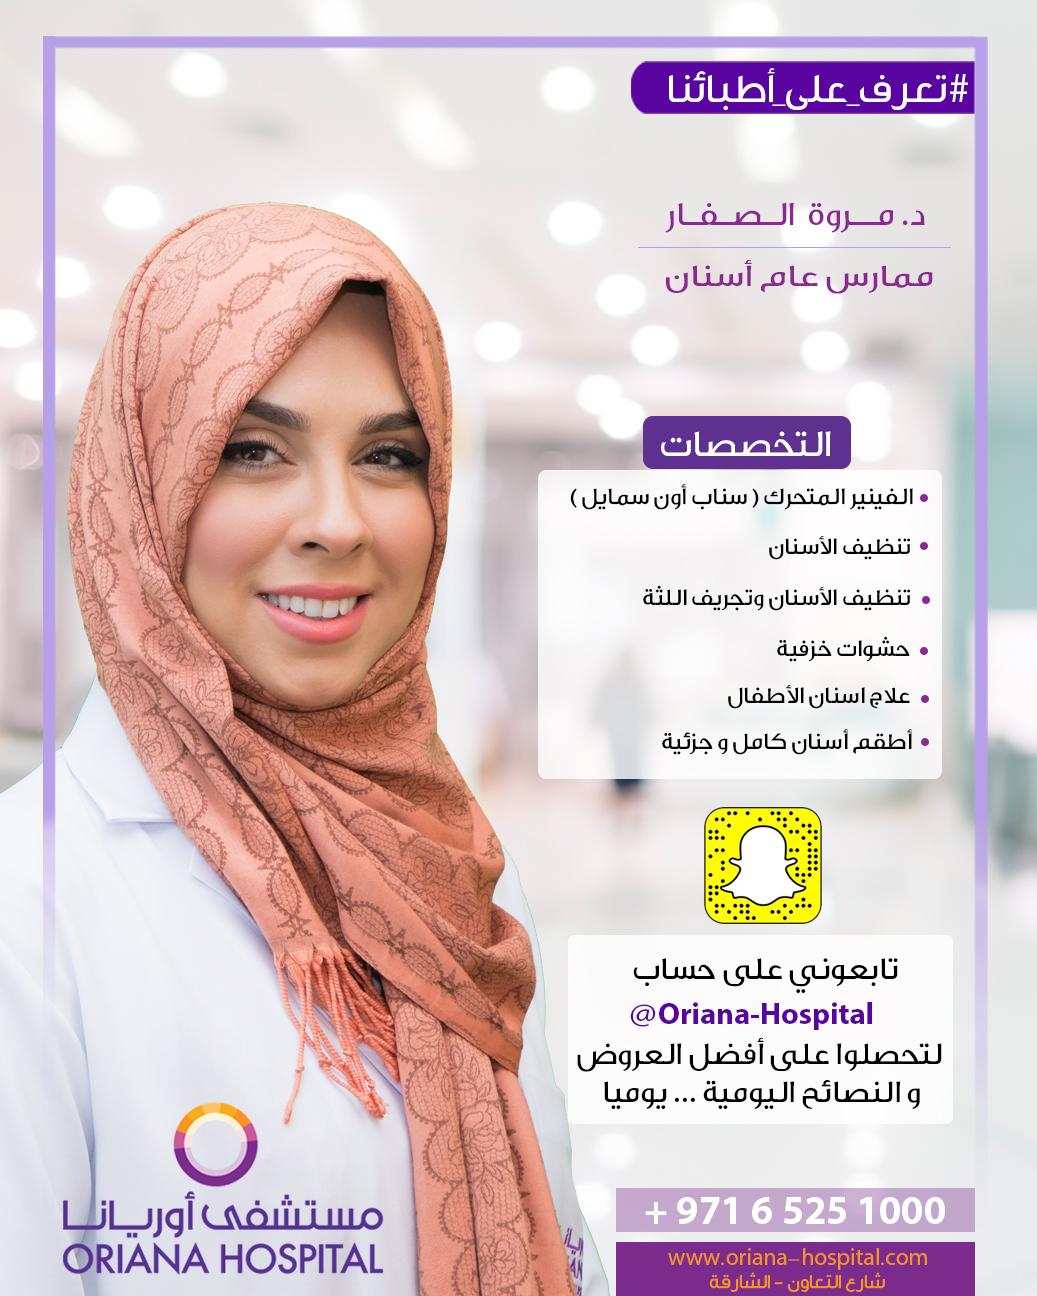 Dr marwa arabic copy